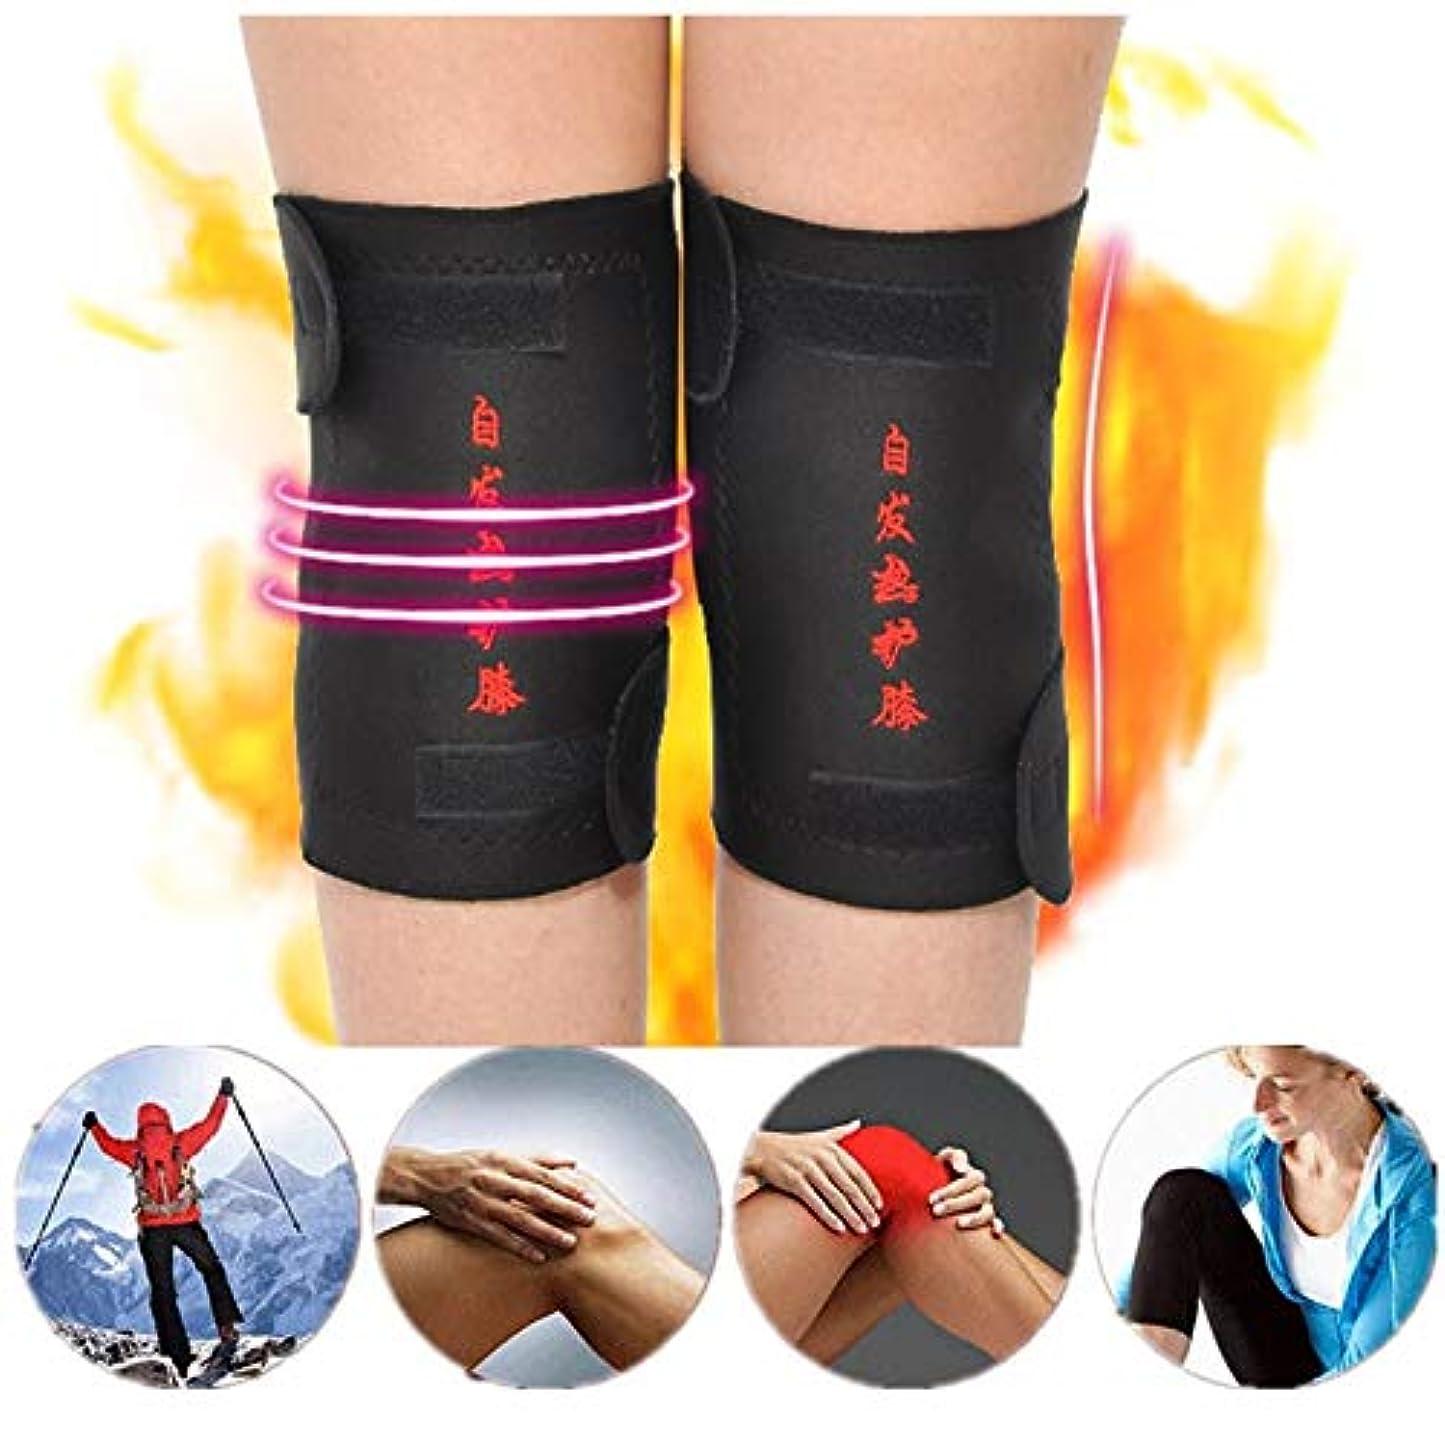 きちんとした傷つける精度1 ペア 毎日健康 ケア 膝の痛み救済傷害捻挫自己加熱された膝 パッド 付き磁気治療内部加熱膝 パッド